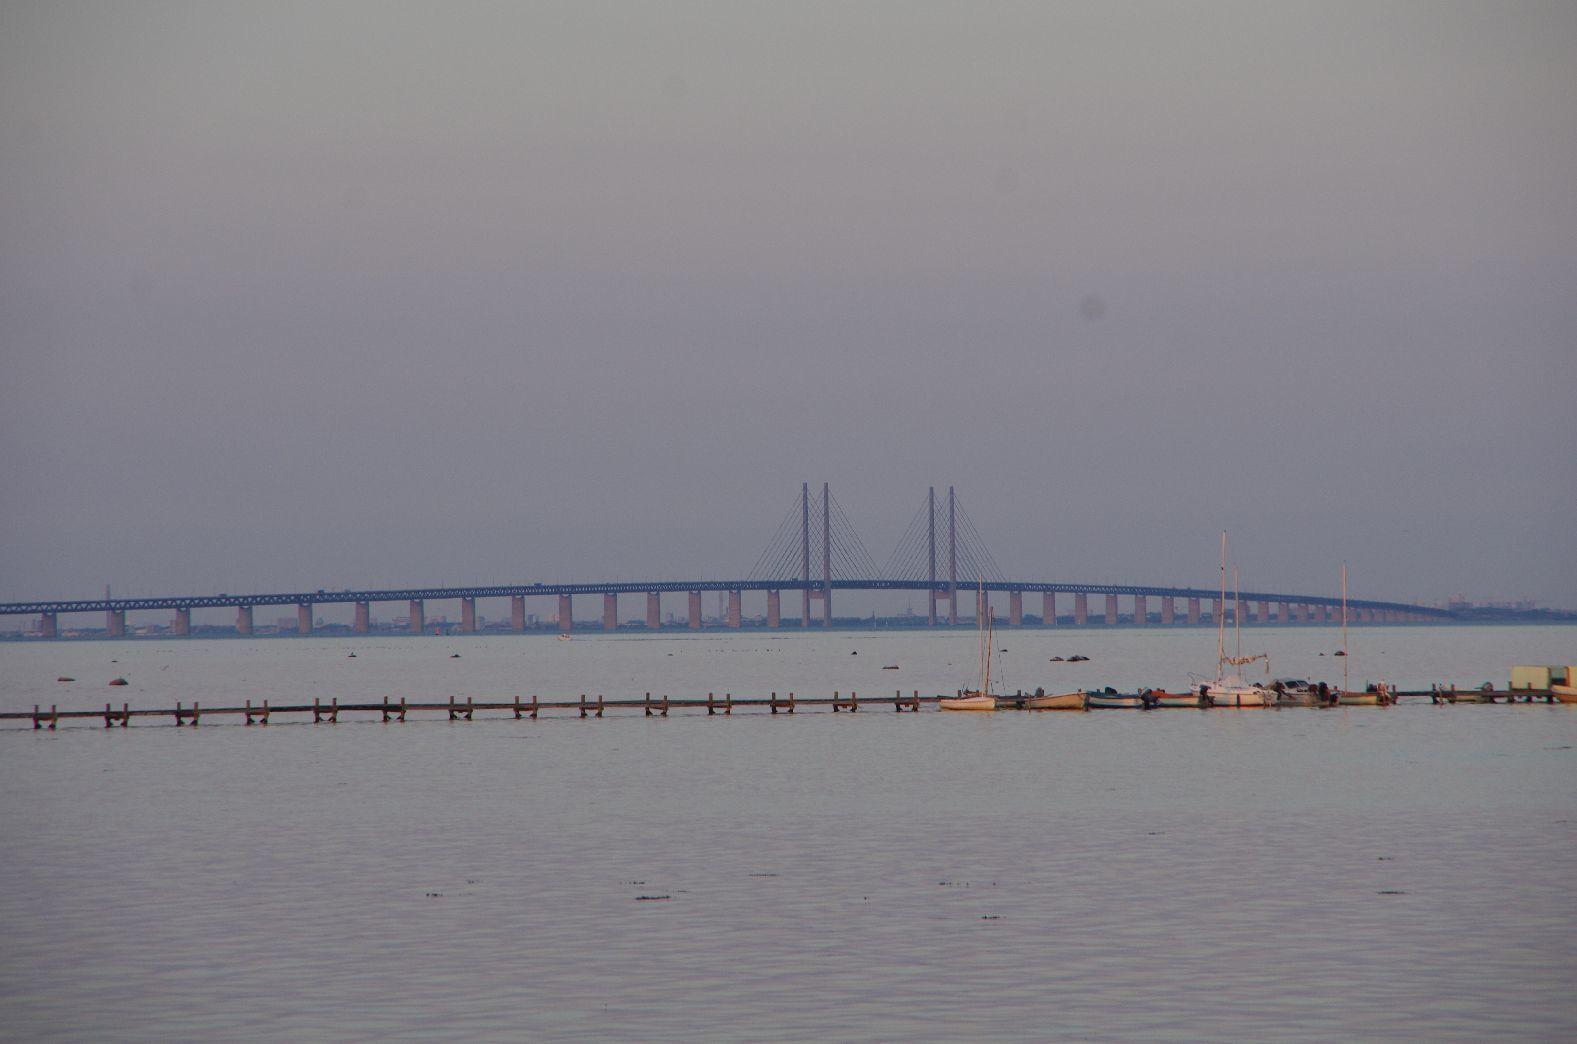 Le pont de près de 30 km sur la mer qui relie Copenhague à la Suède.